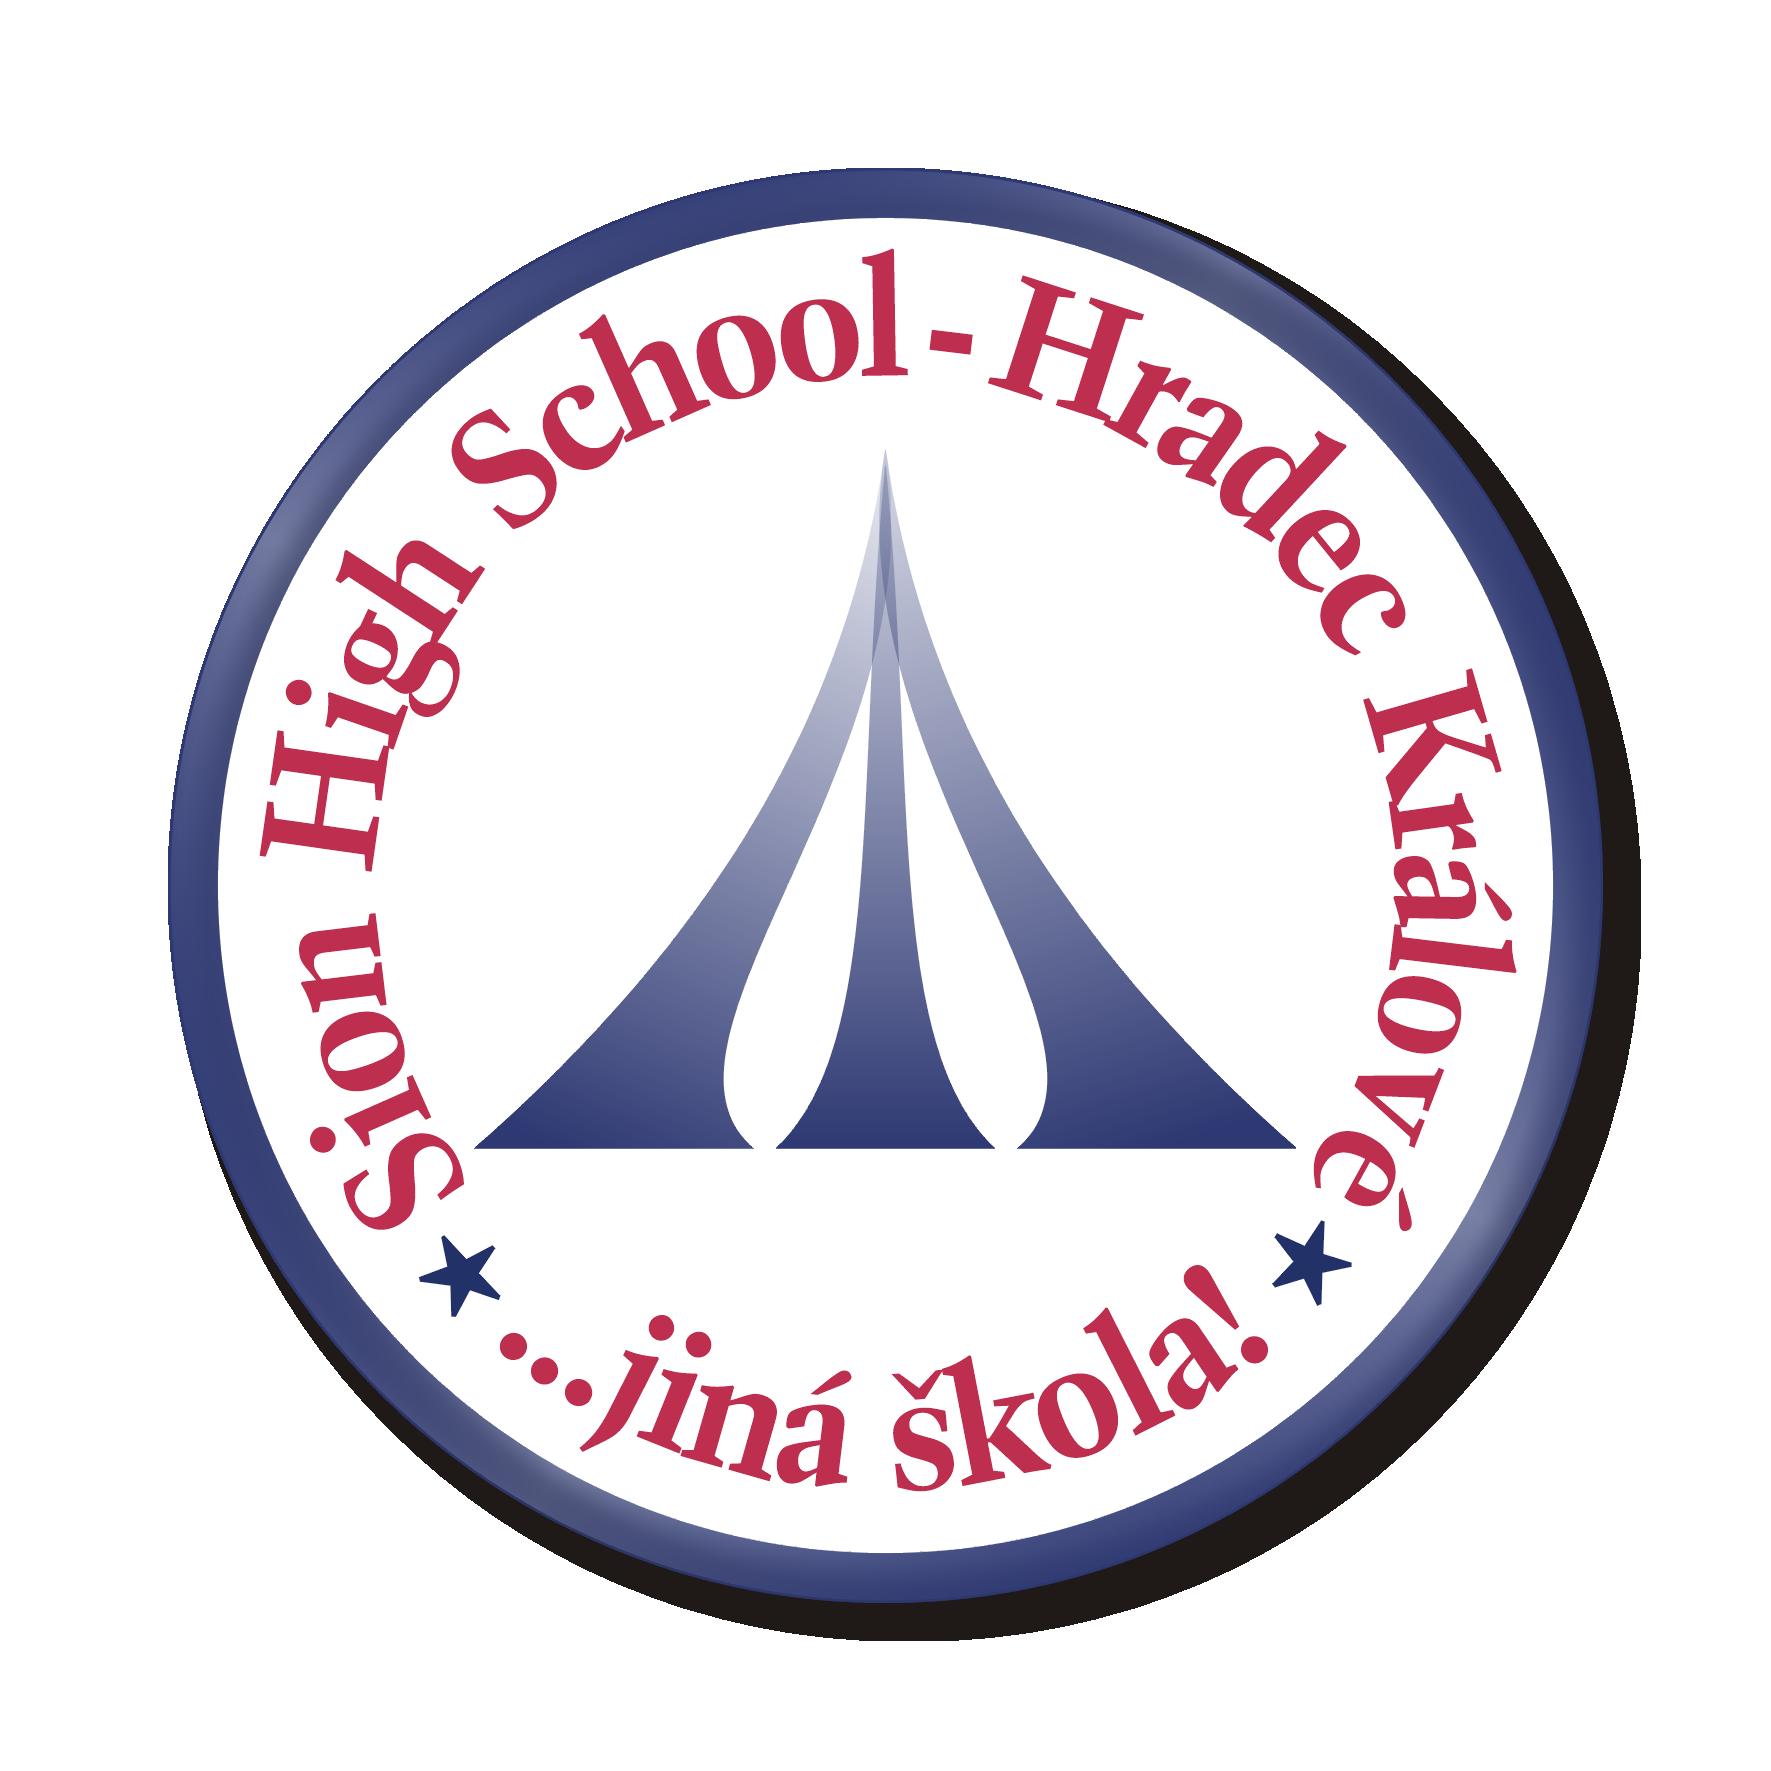 Střední škola Sion High School, Hradec Králové logo